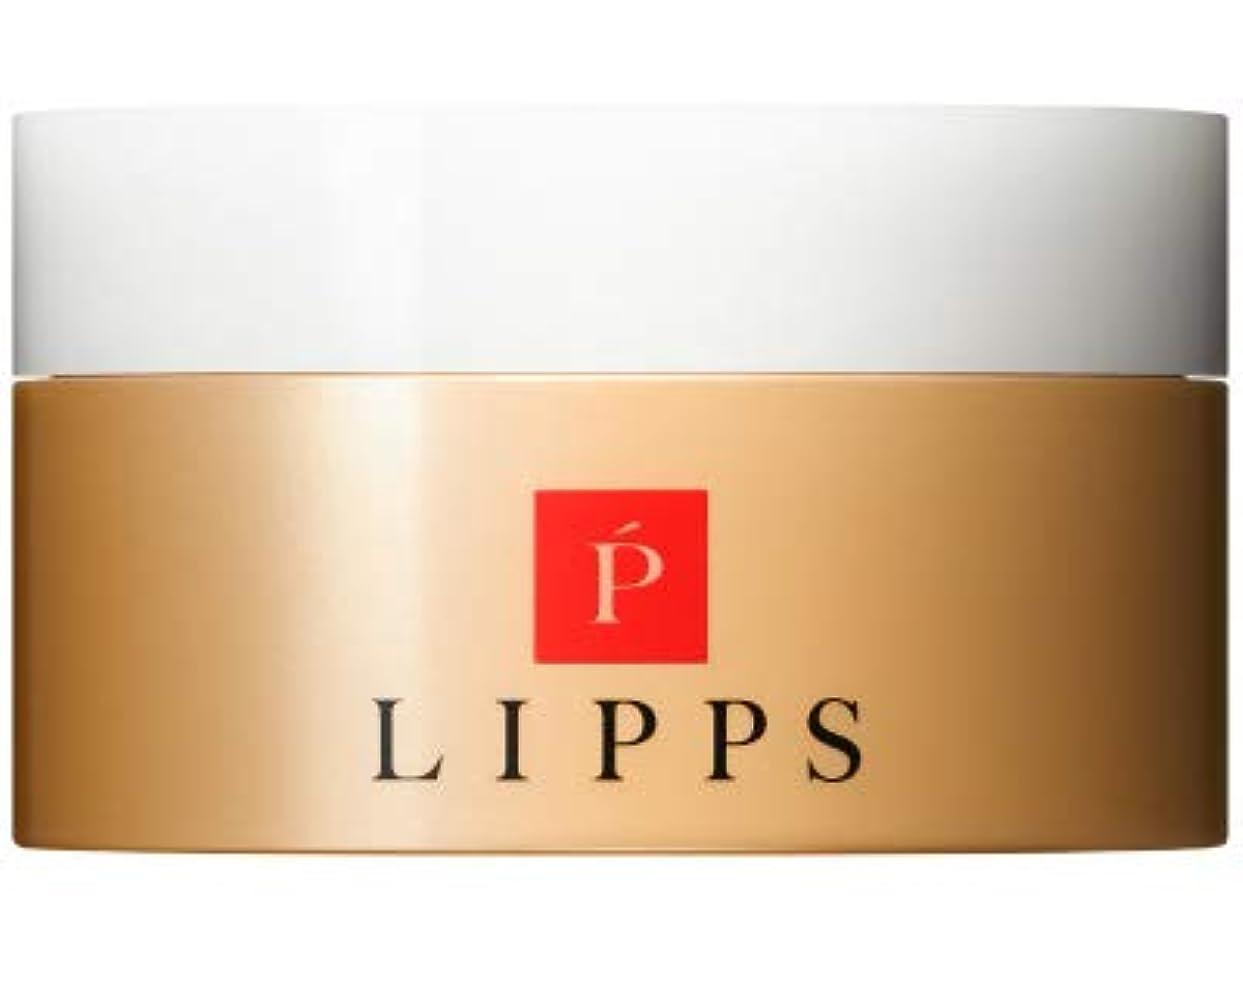 ケント依存する大胆な【ふわっと動く×自由自在な束感】LIPPS L12フリーキープワックス (85g)